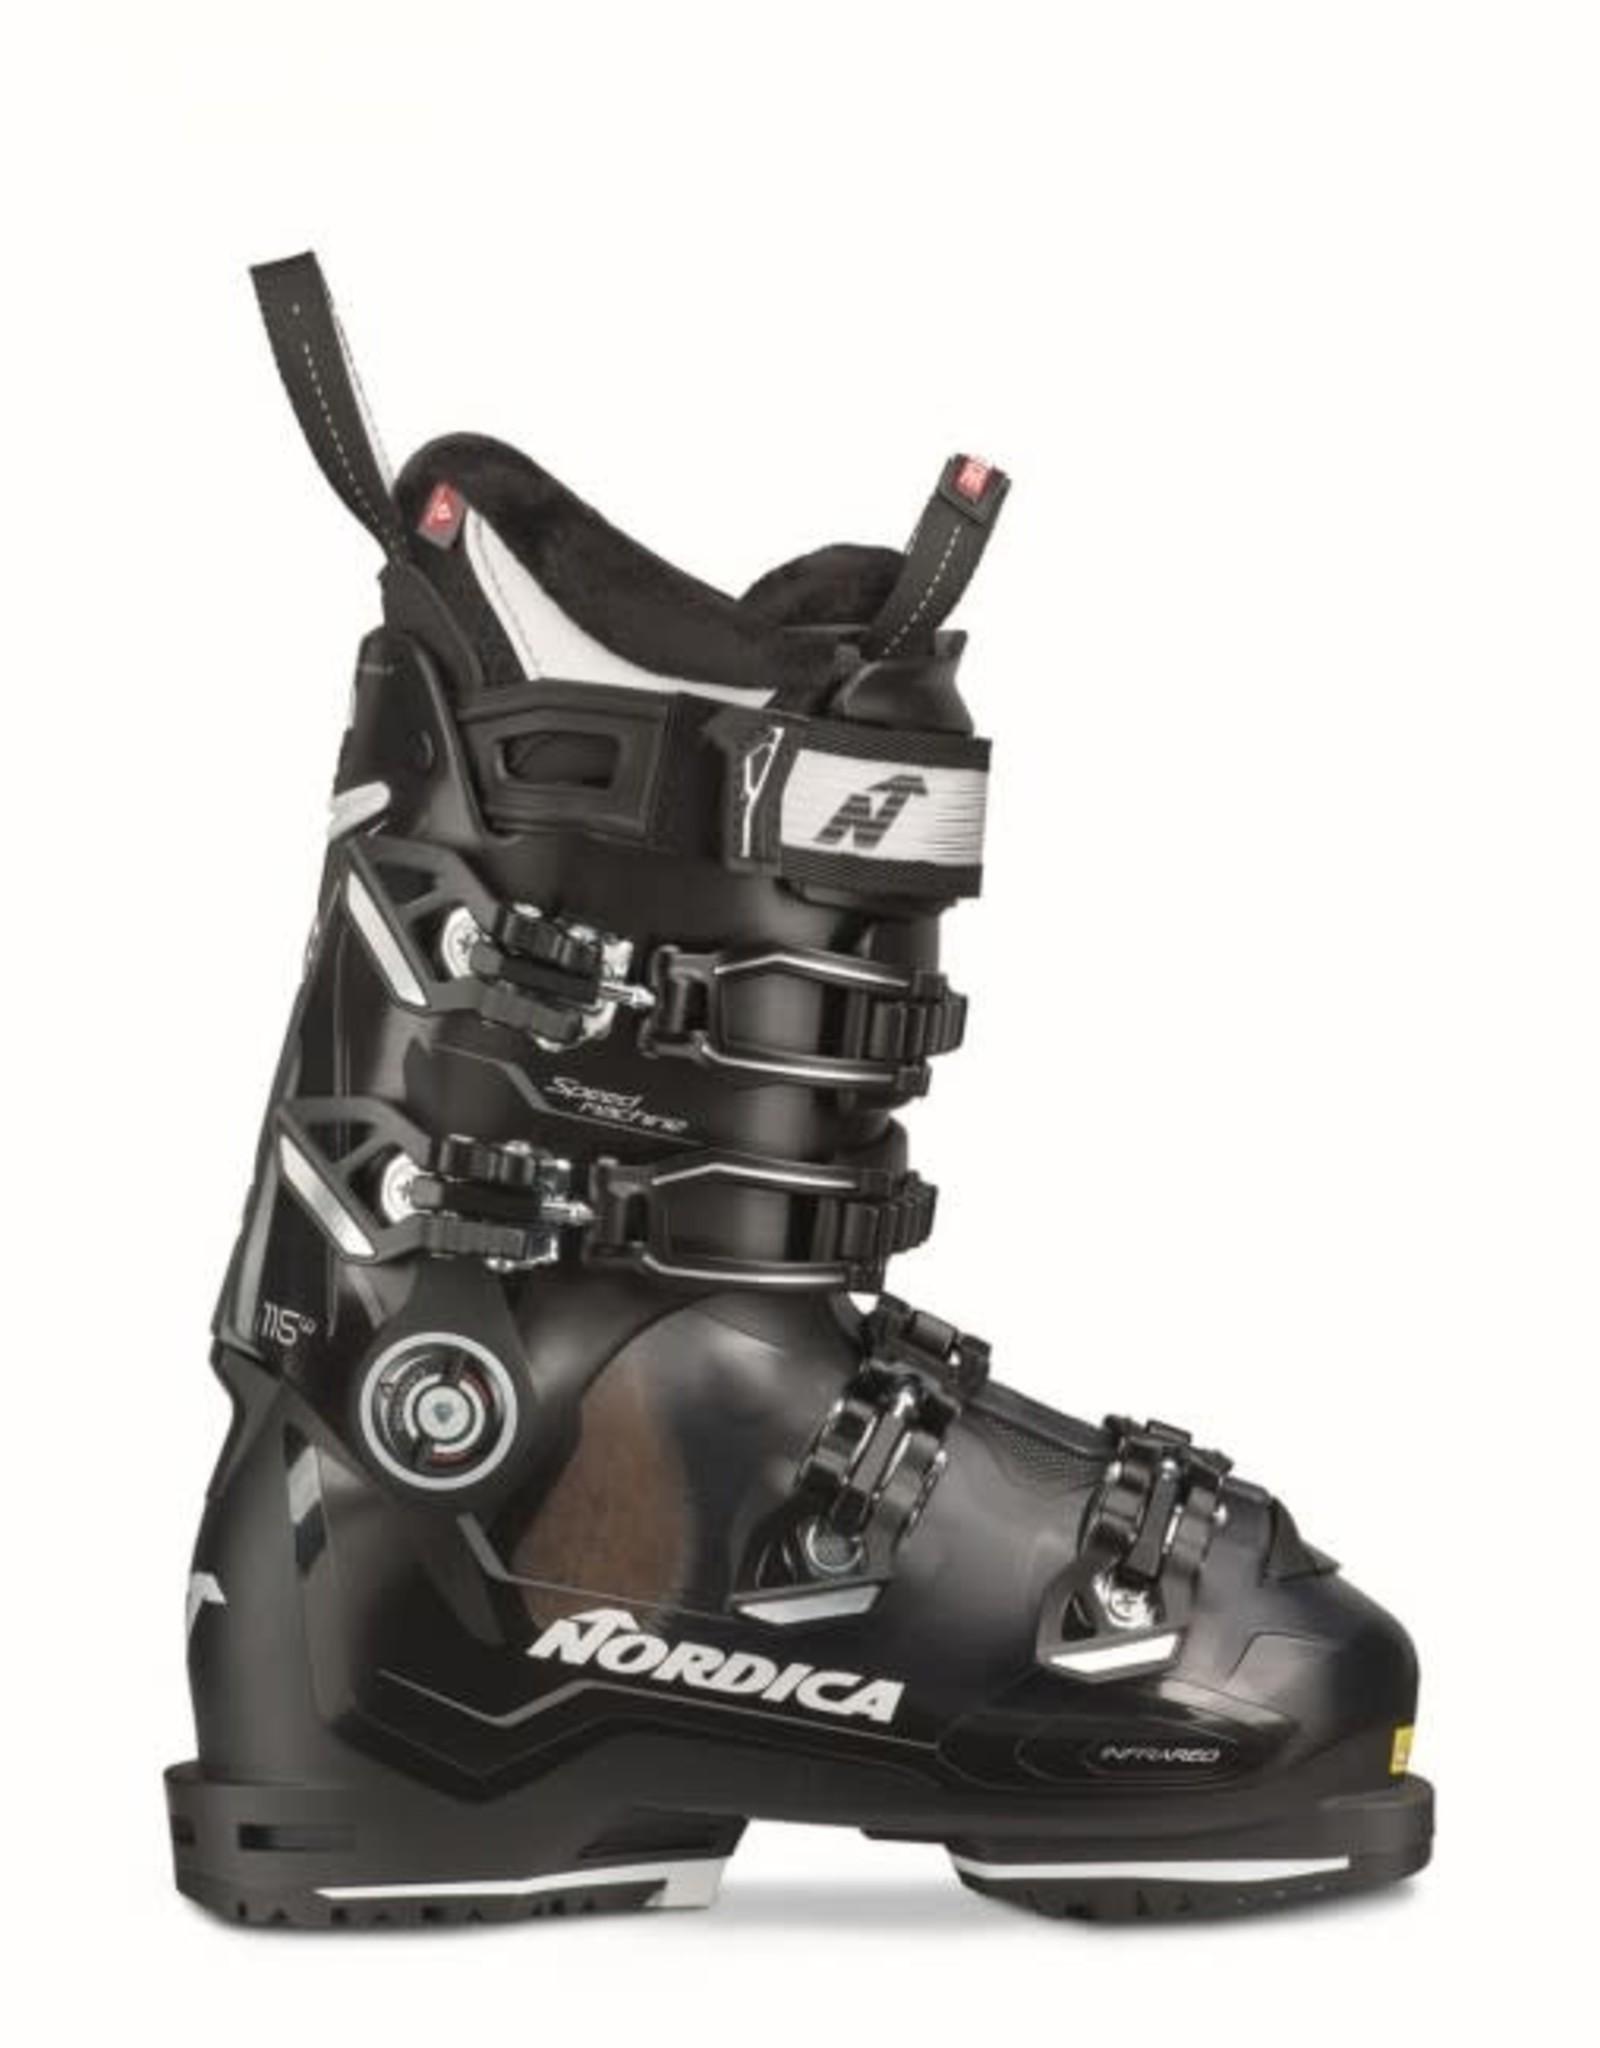 NORDICA NORDICA Ski Boots SPEEDMACHINE 115 W (20/21)